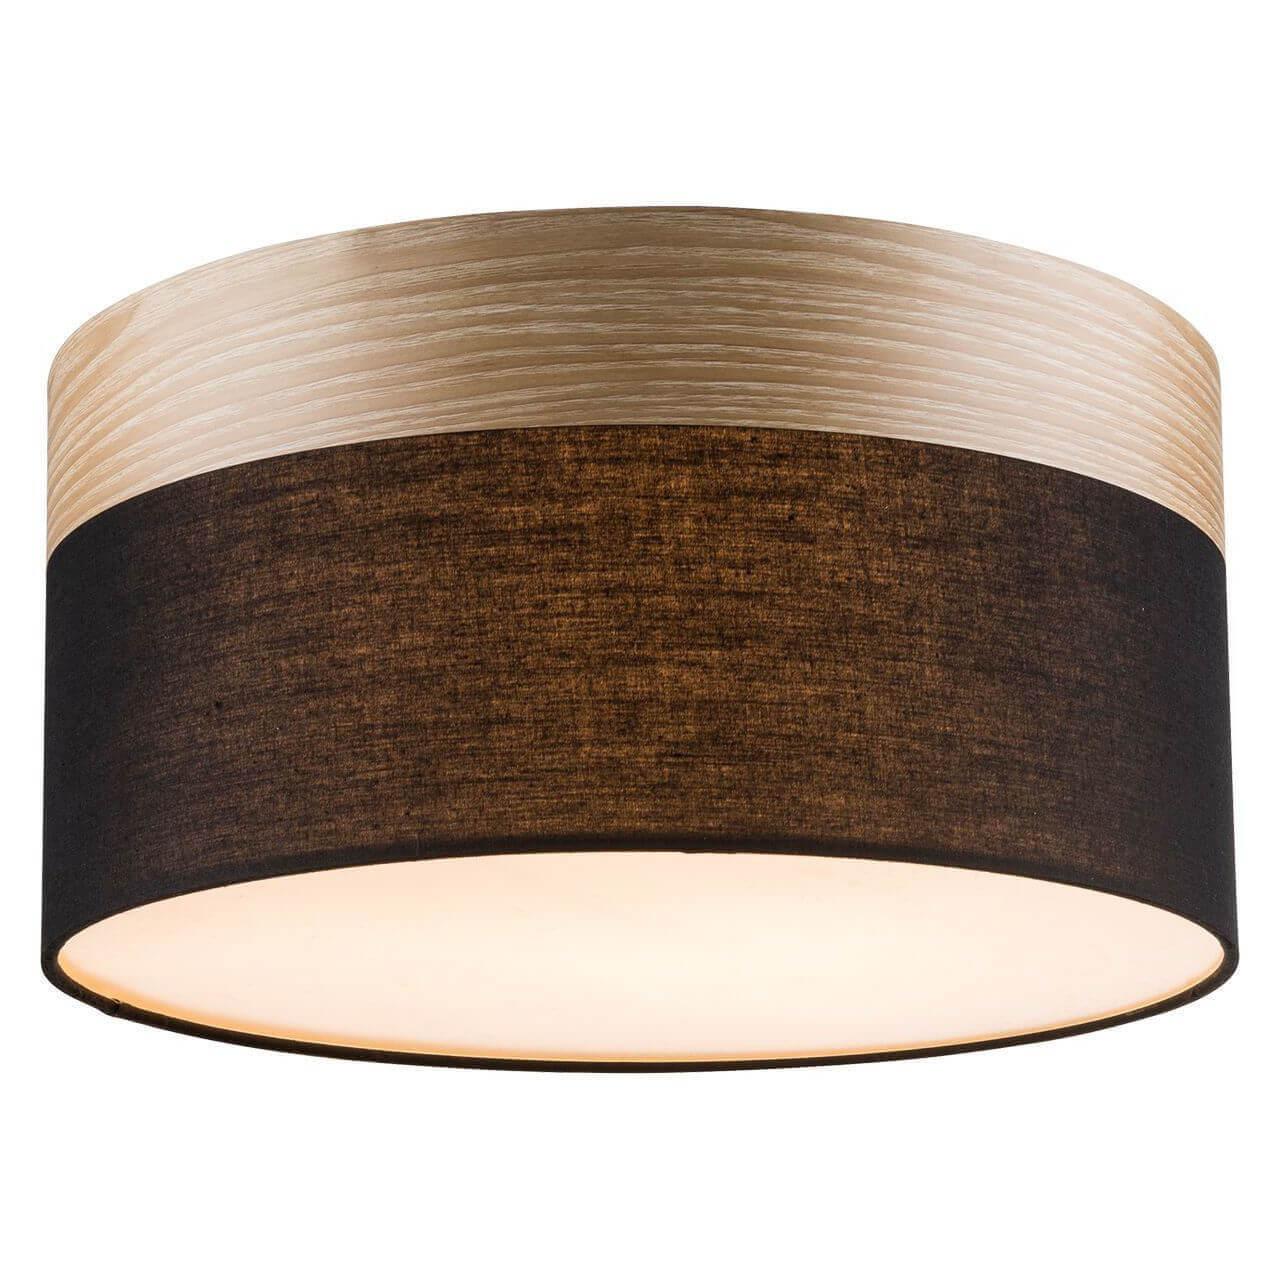 все цены на Потолочный светильник Globo Chipsy 15222D онлайн